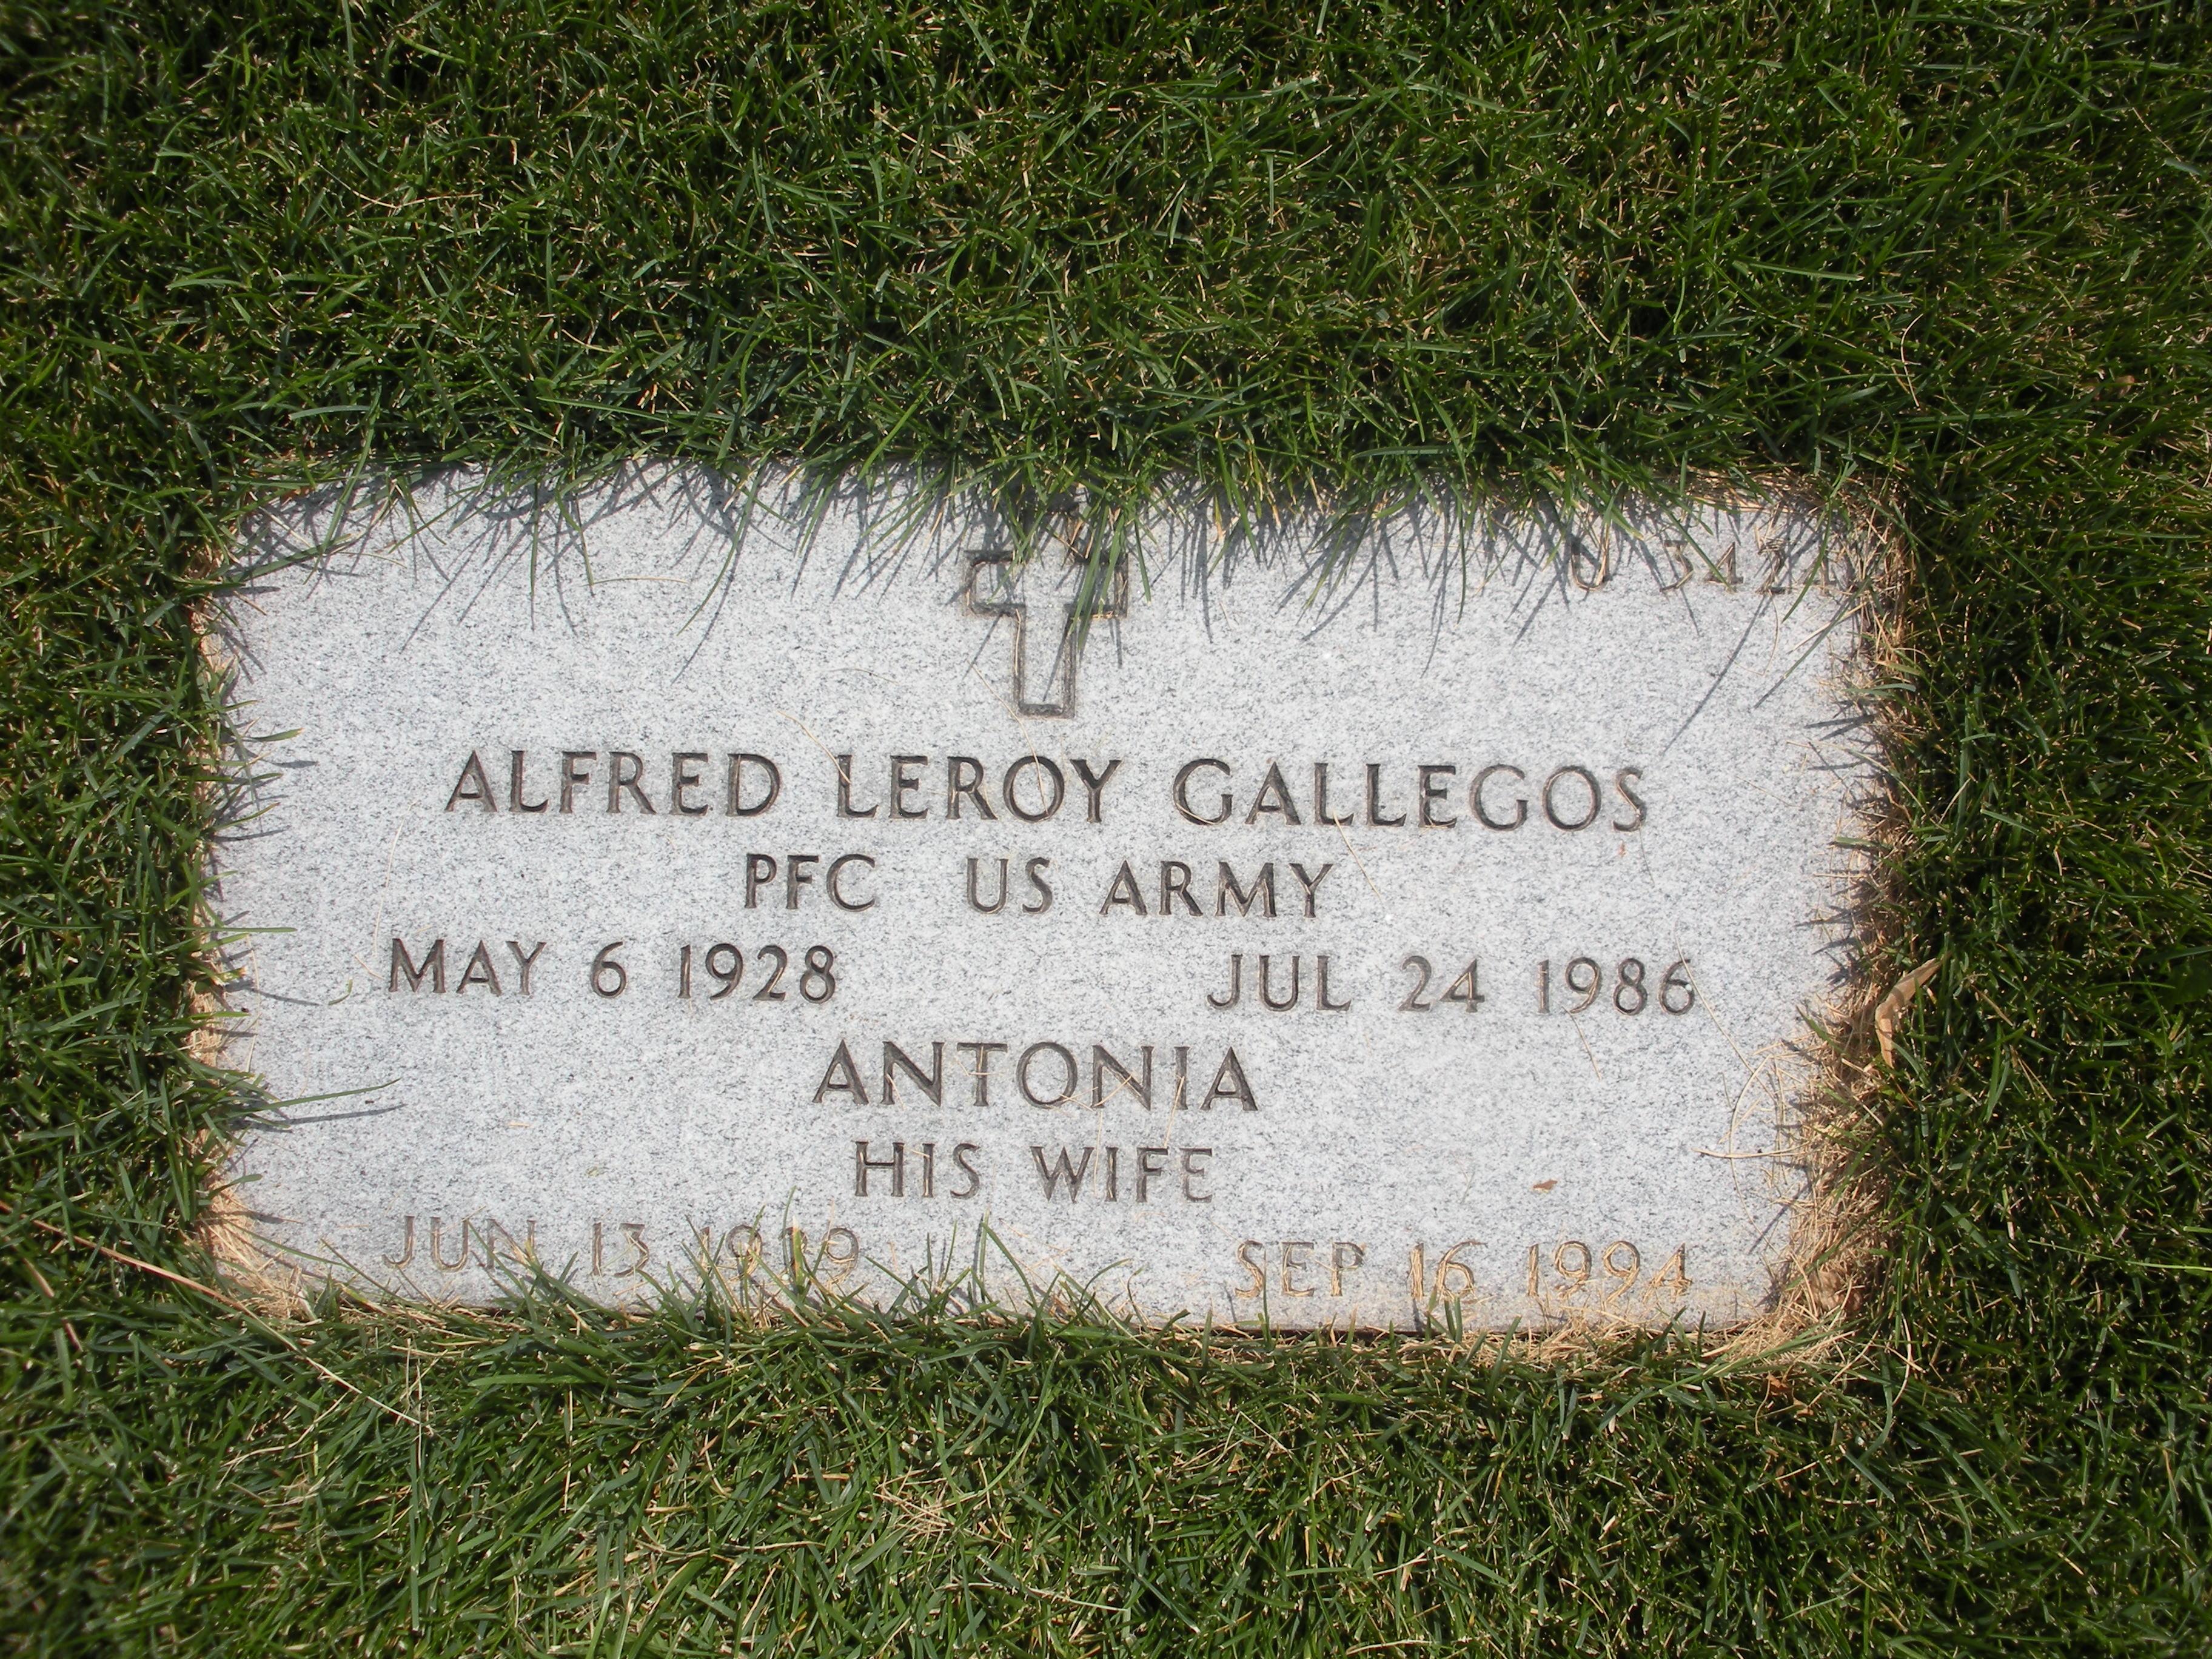 Alfred Leroy Gallegos